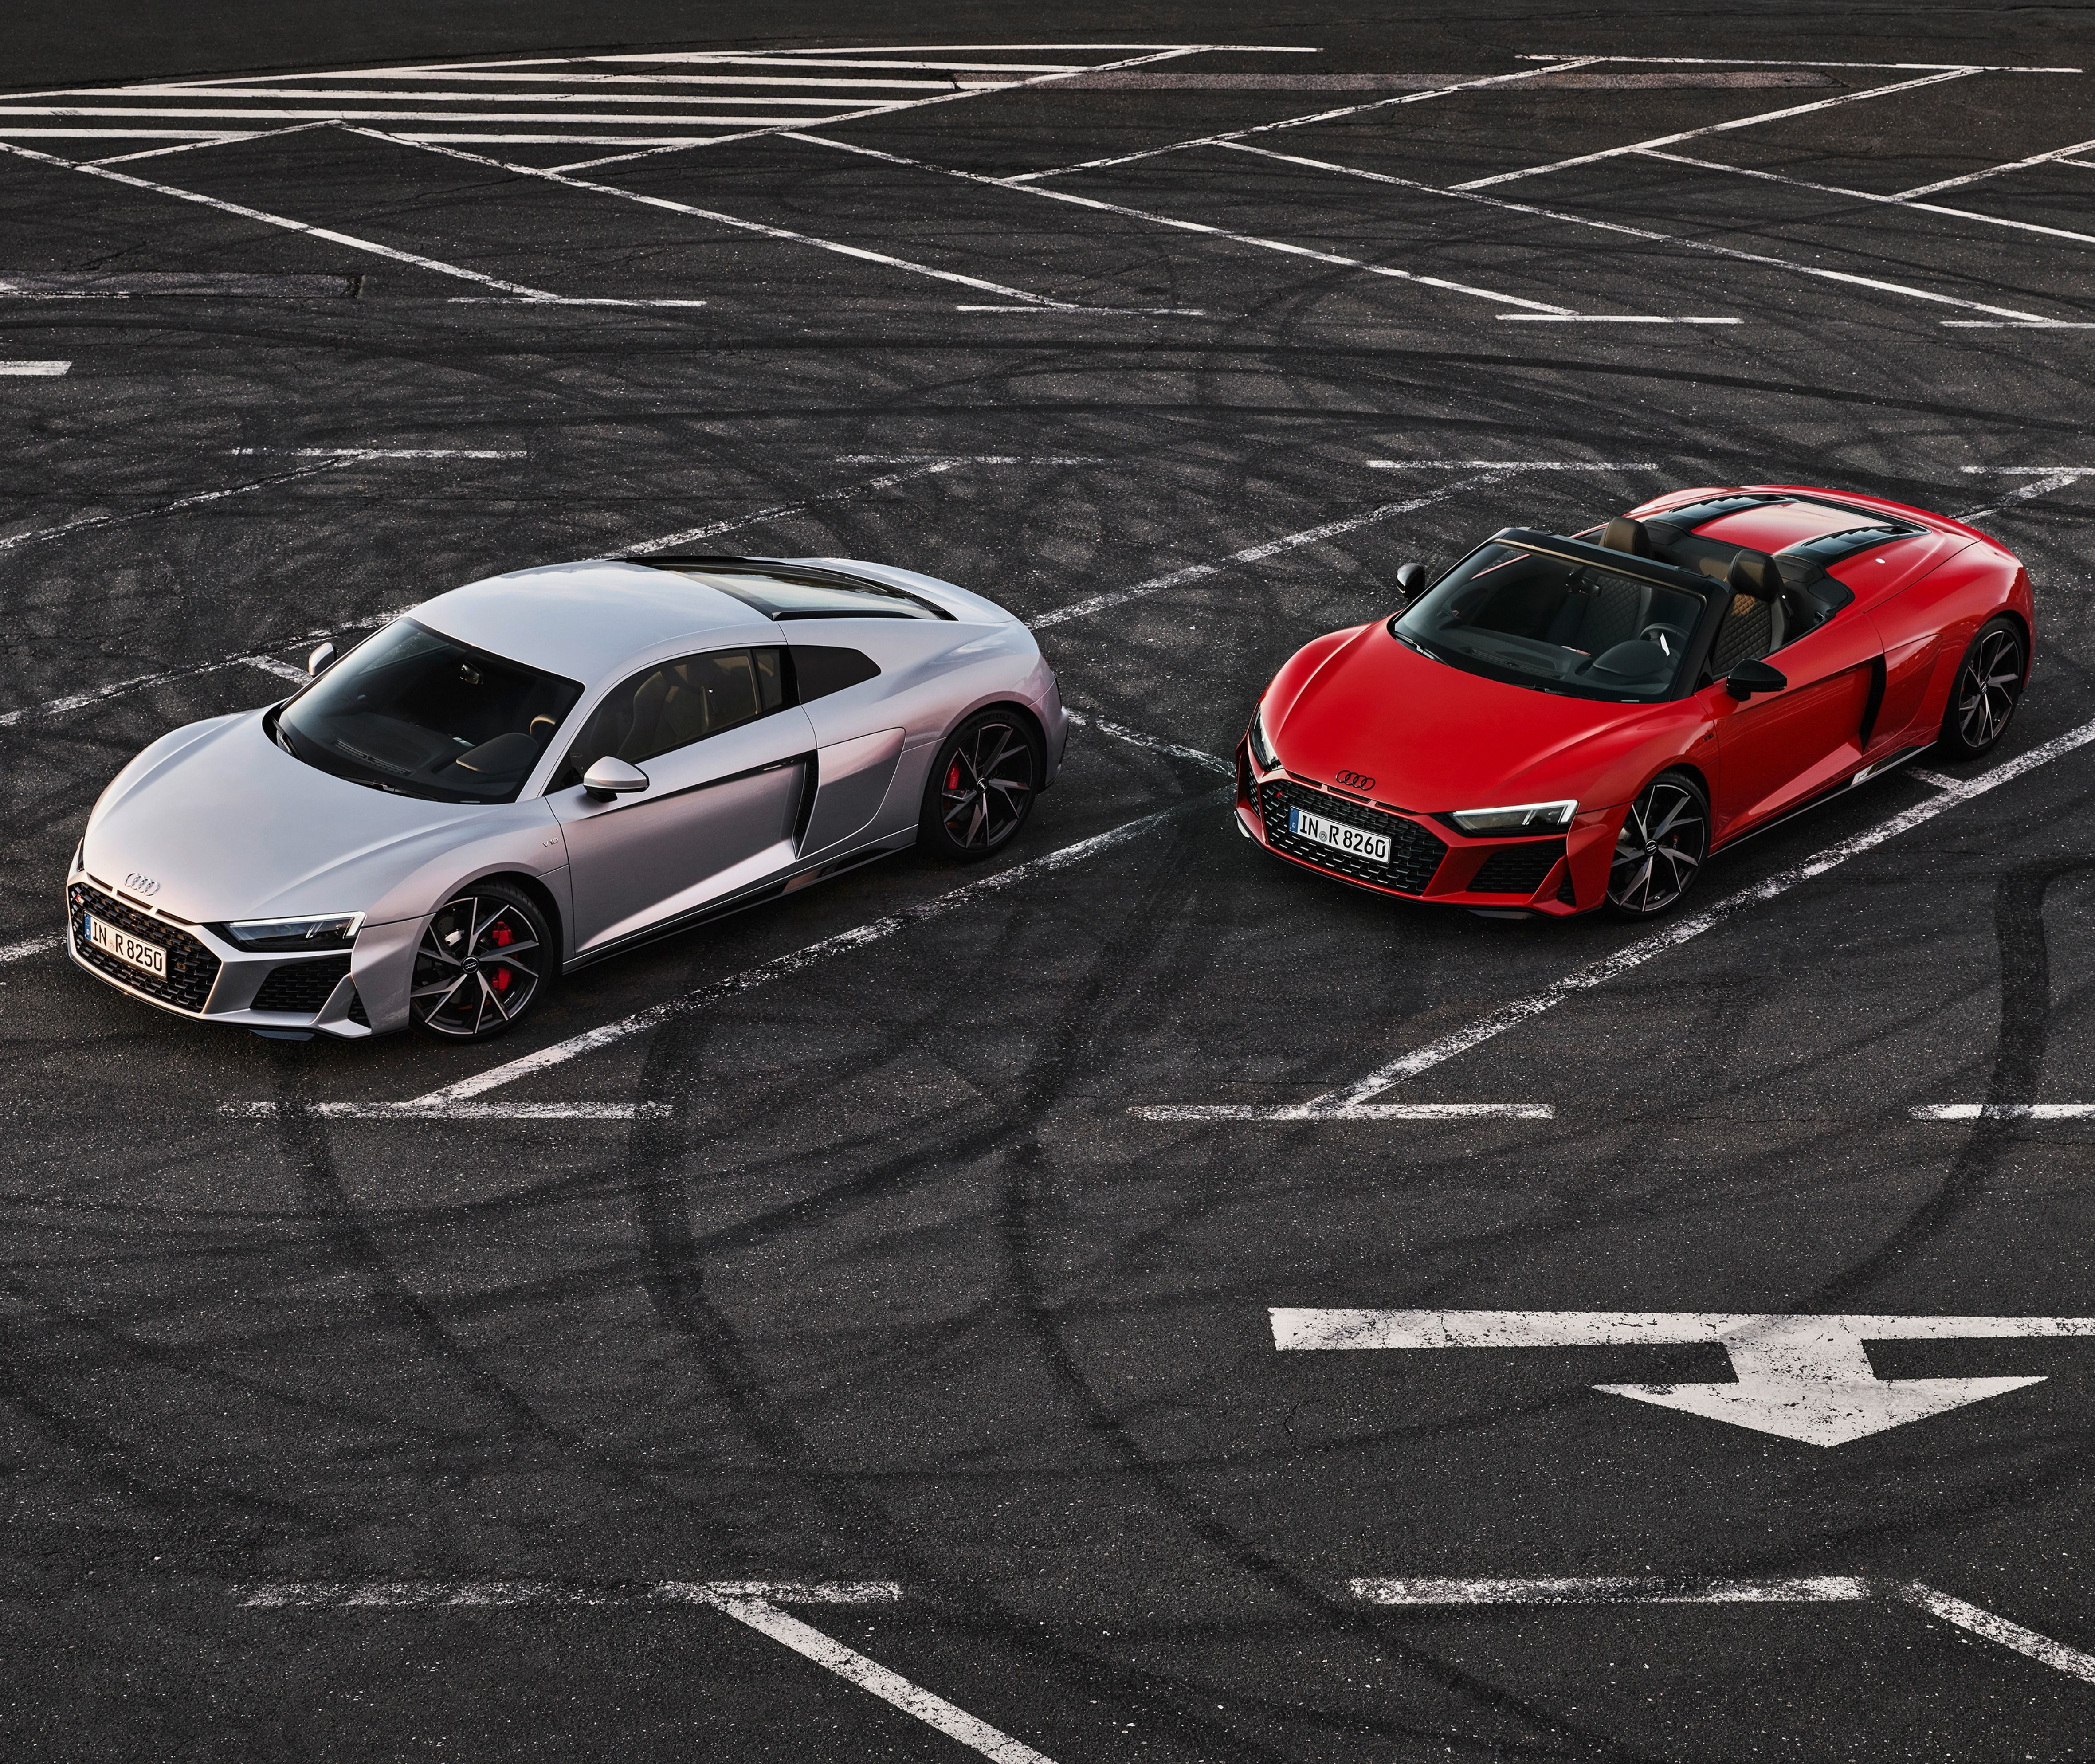 De Nieuwe Audi R8 Coupe En Spyder V10 Rwd Audi Coupe Audi R8 Audi